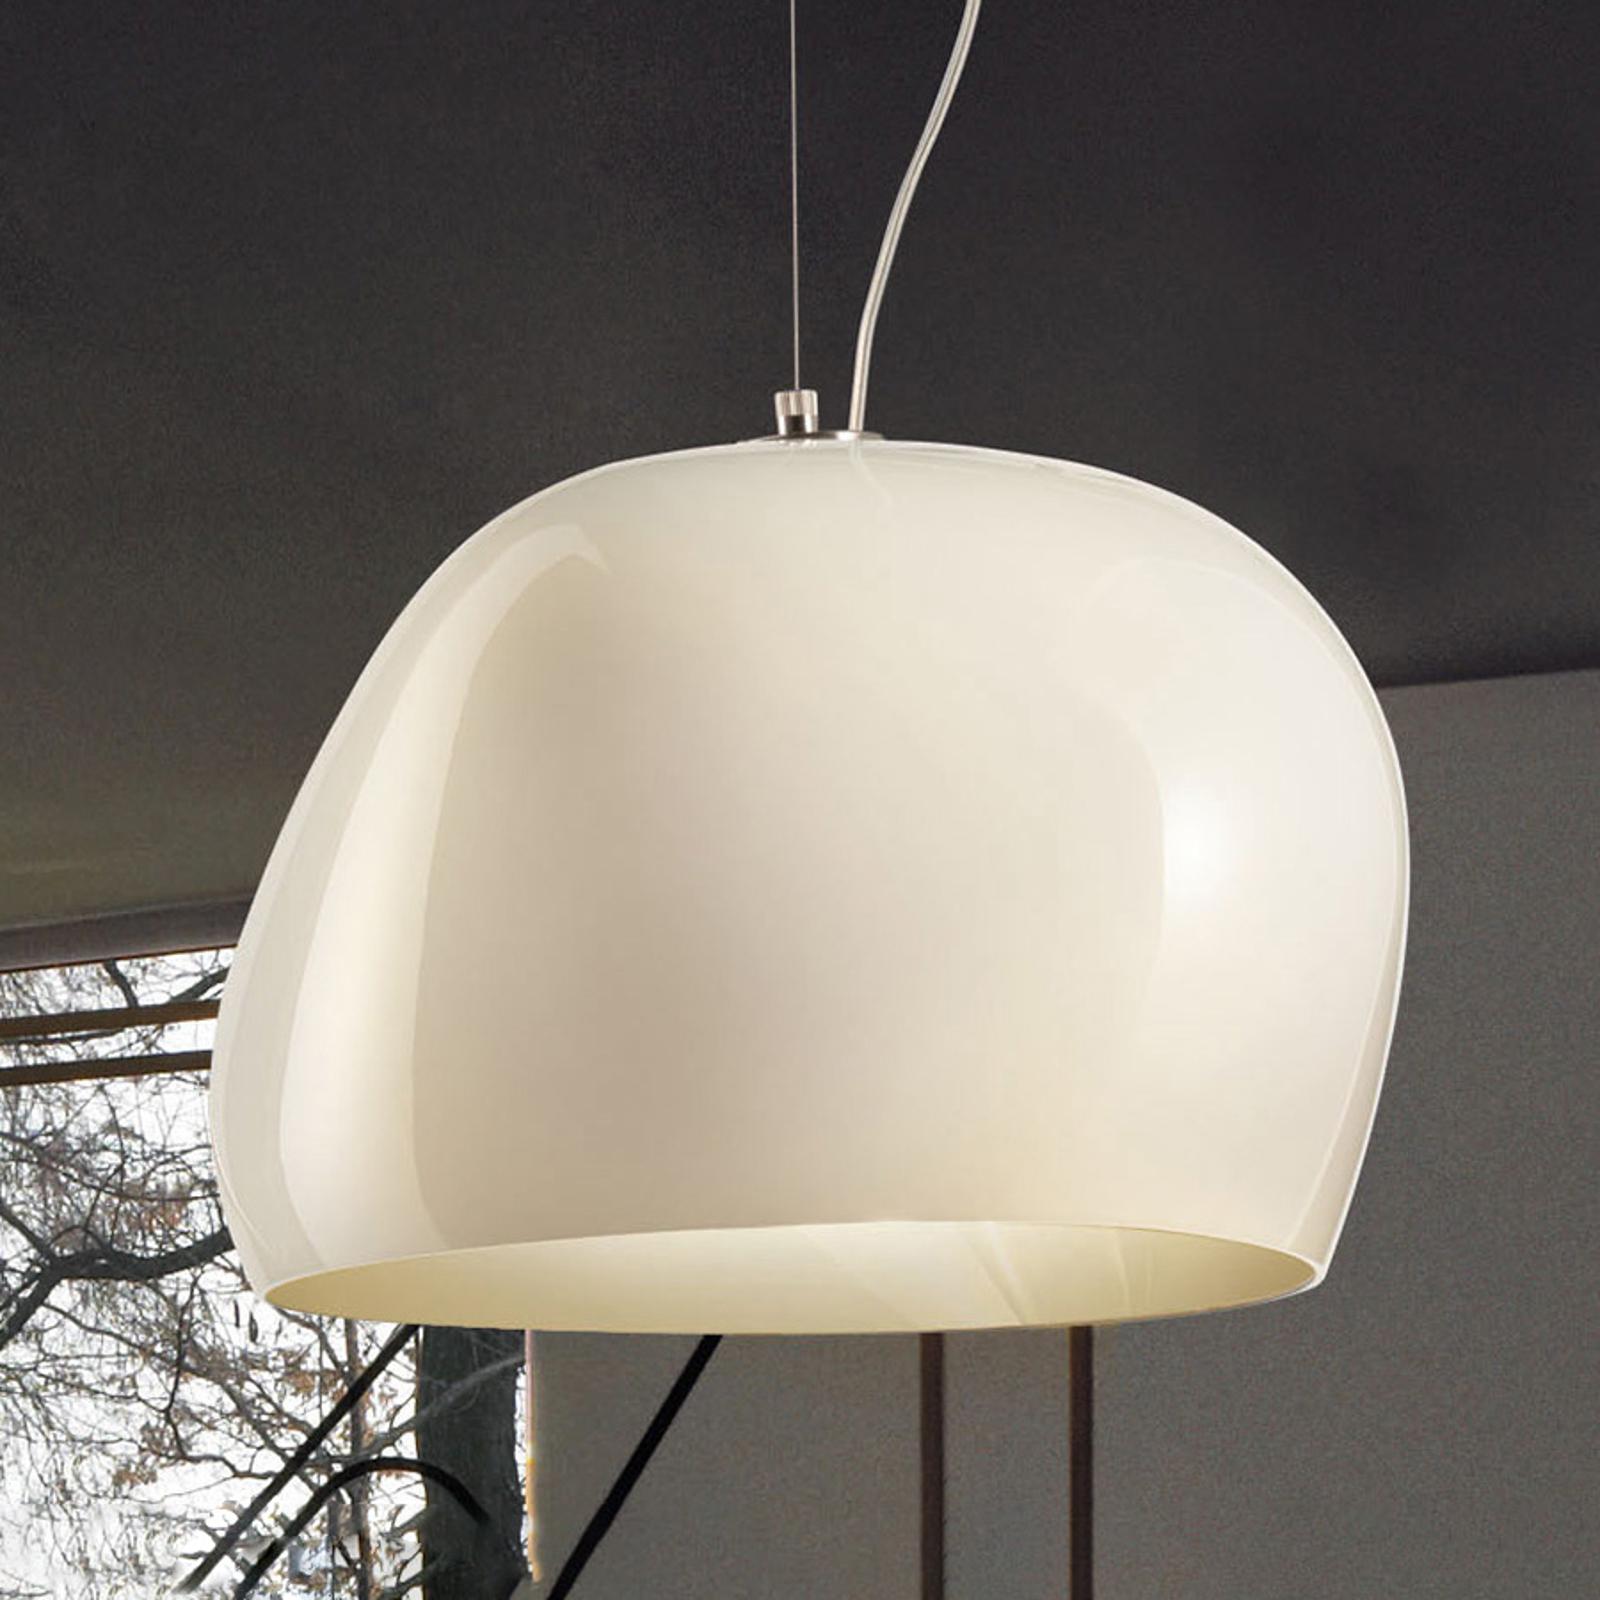 Lampa wisząca Surface Ø40cm E27 biały/matowy biały